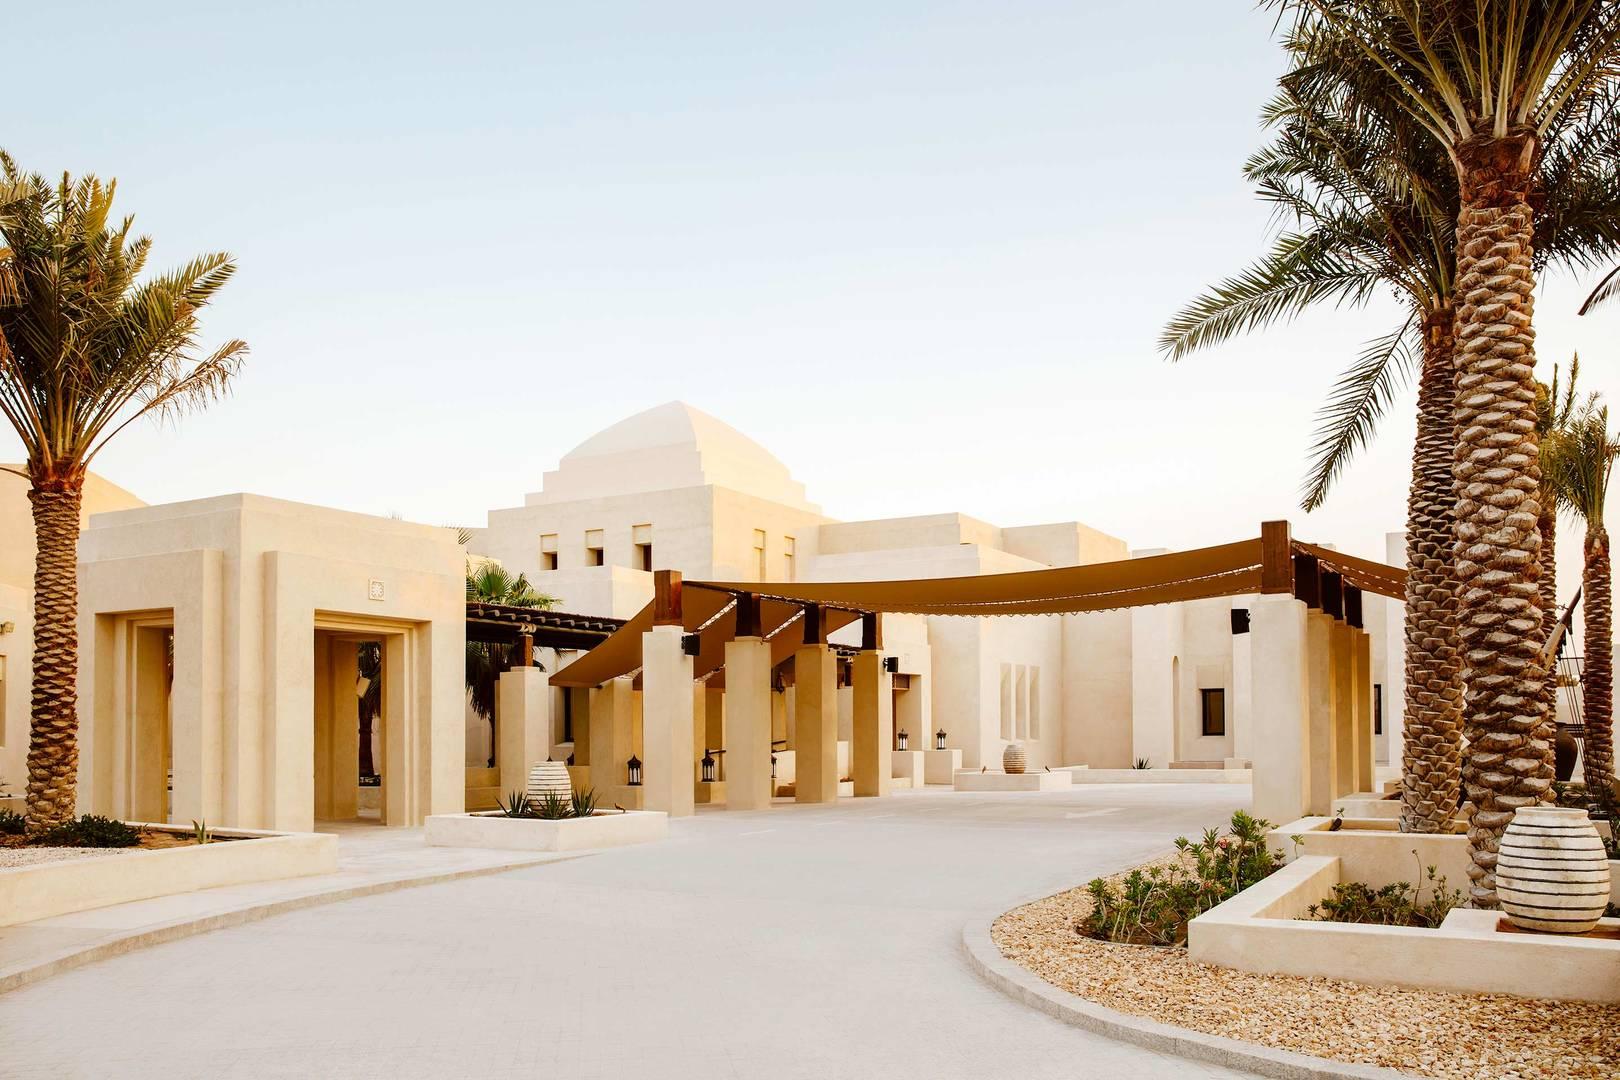 Fassade des Jumeirah Al Wathba Desert Resort & Spa